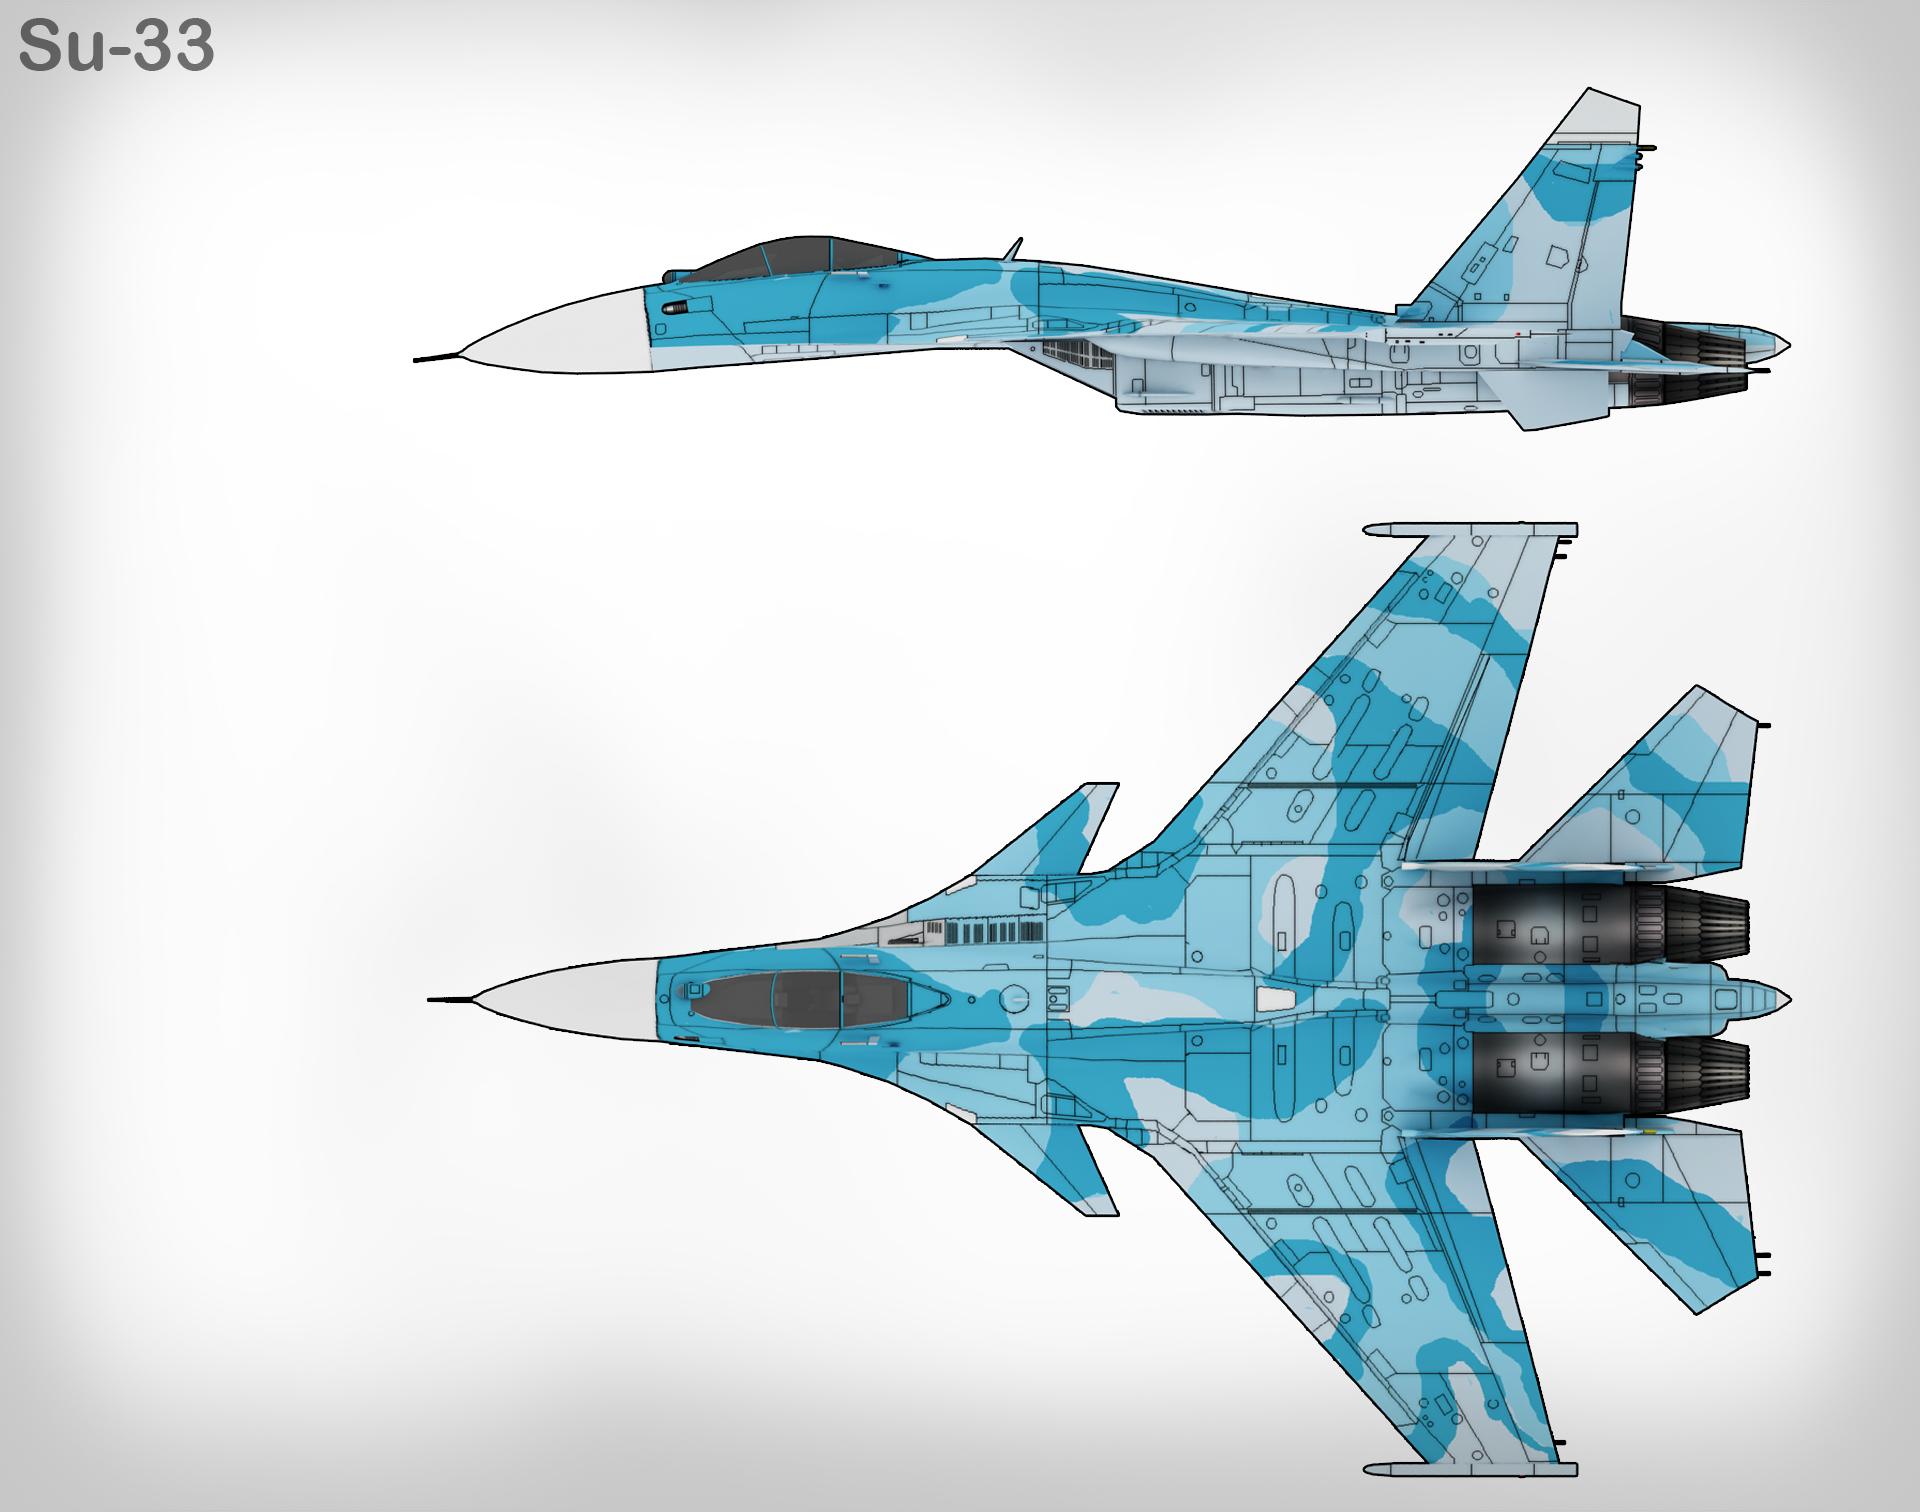 Loading su 33 flanker d carrier based fighter jet su 27 - Loading Su 33 Flanker D Carrier Based Fighter Jet Su 27 33